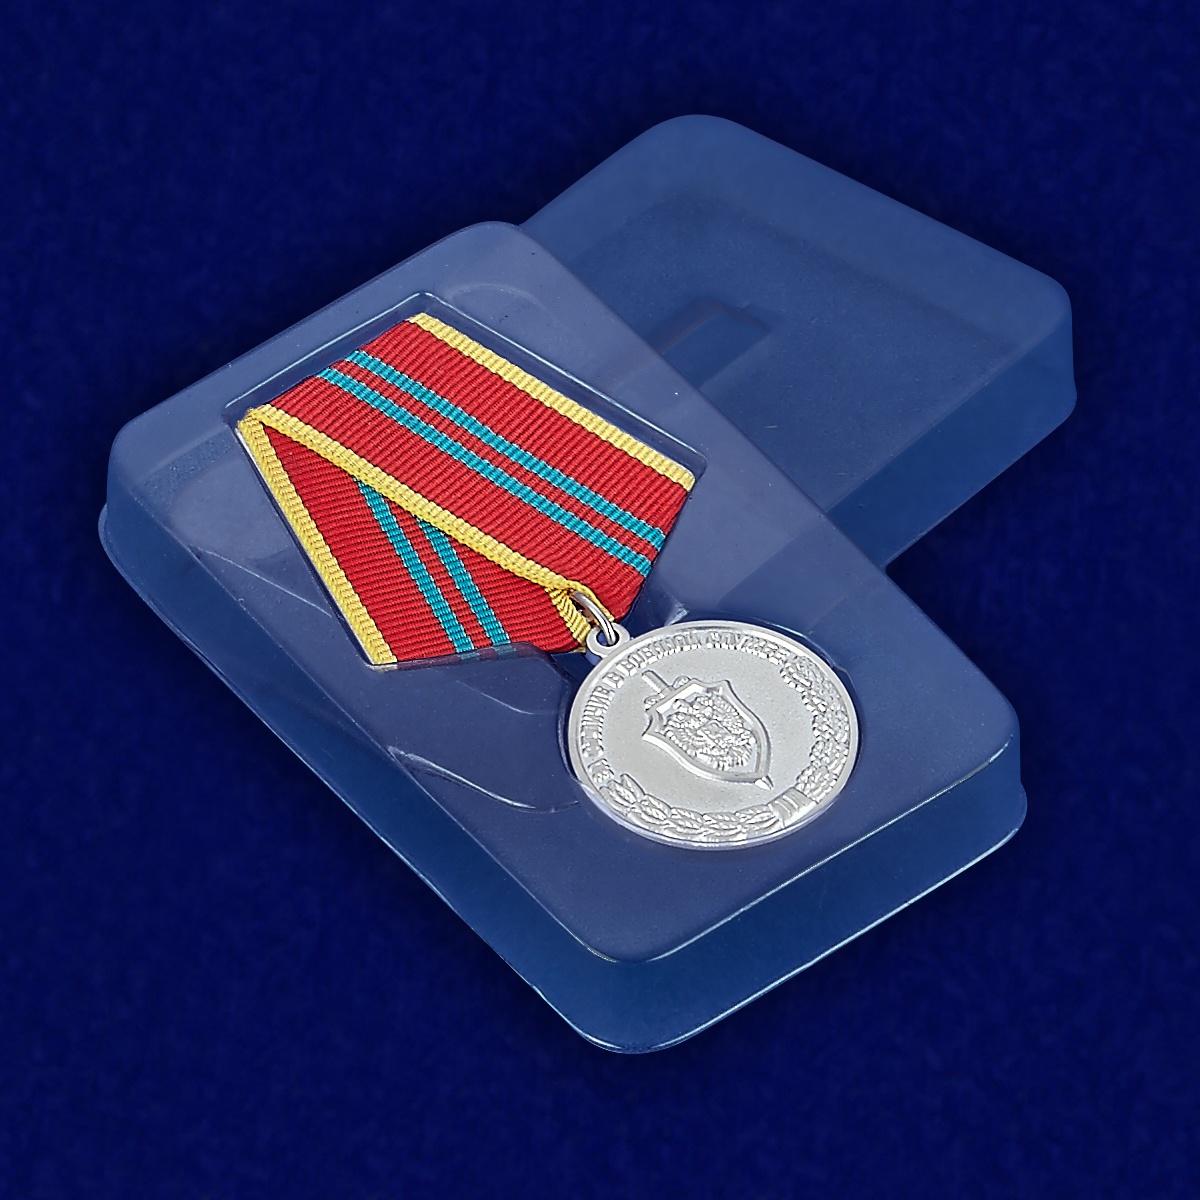 Ведомственная медаль За отличие в военной службе ФСБ II степени - в пластиковом футляре